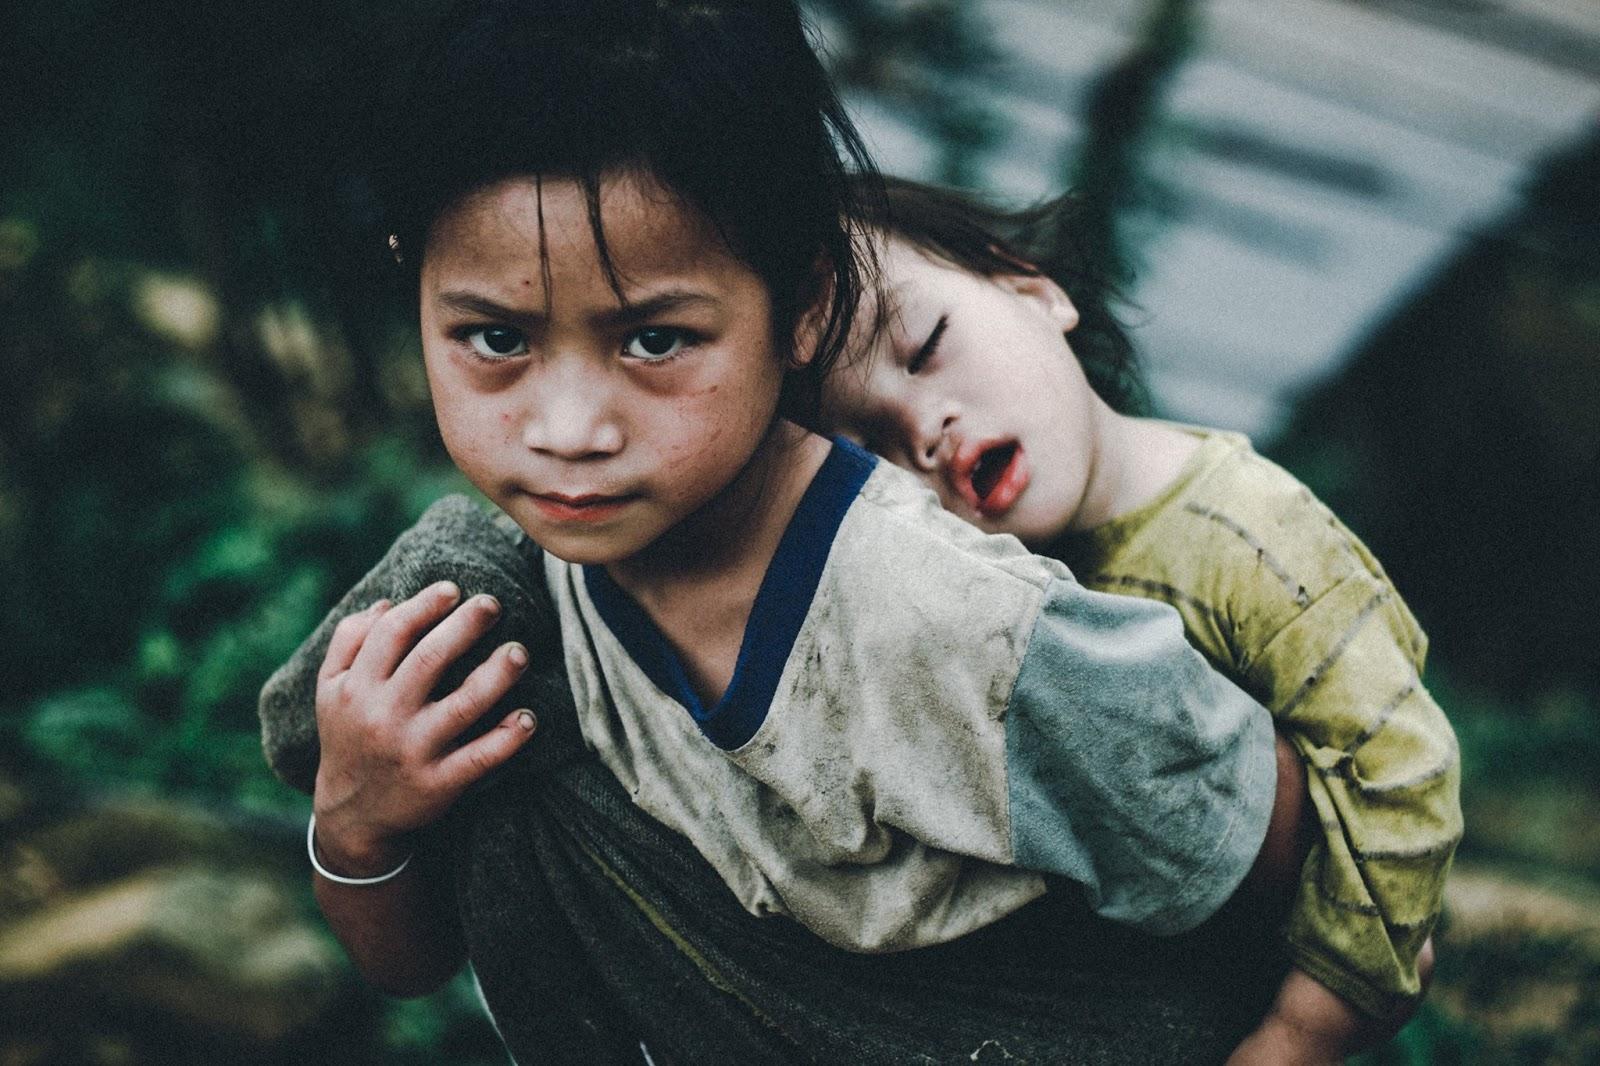 Ảnh trẻ em nghèo đẹp đến nao lòng